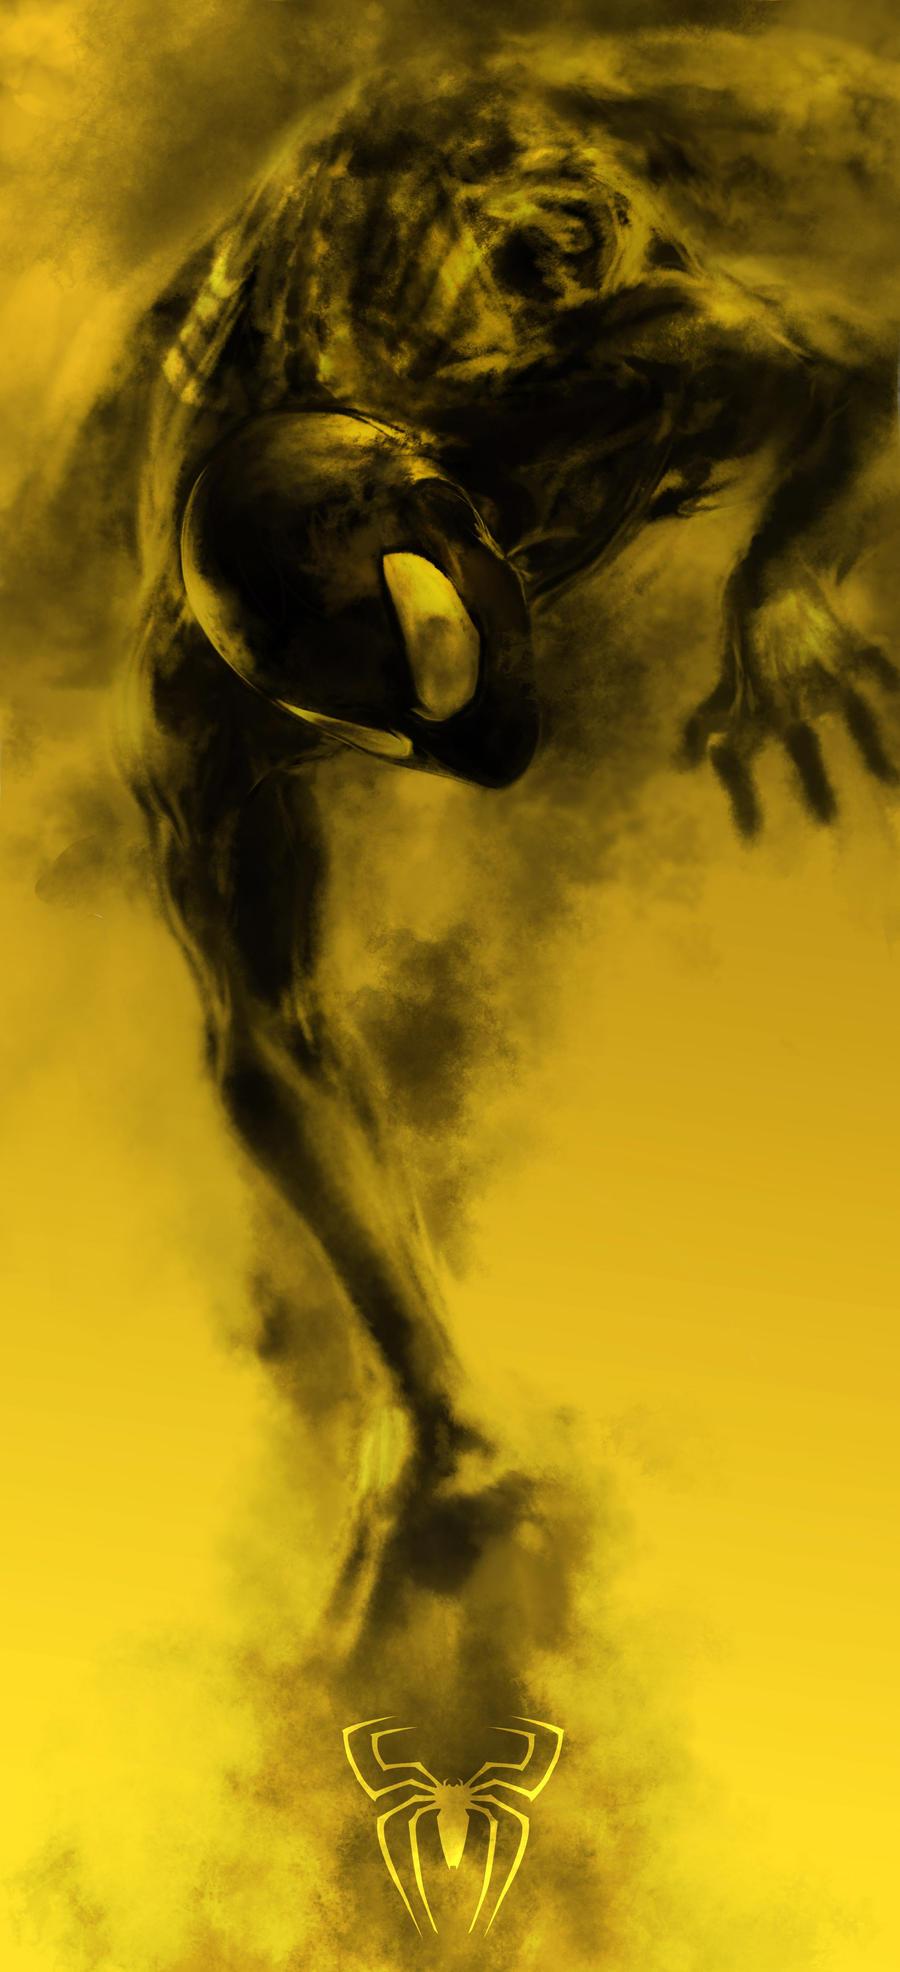 spider1 by derylbraun